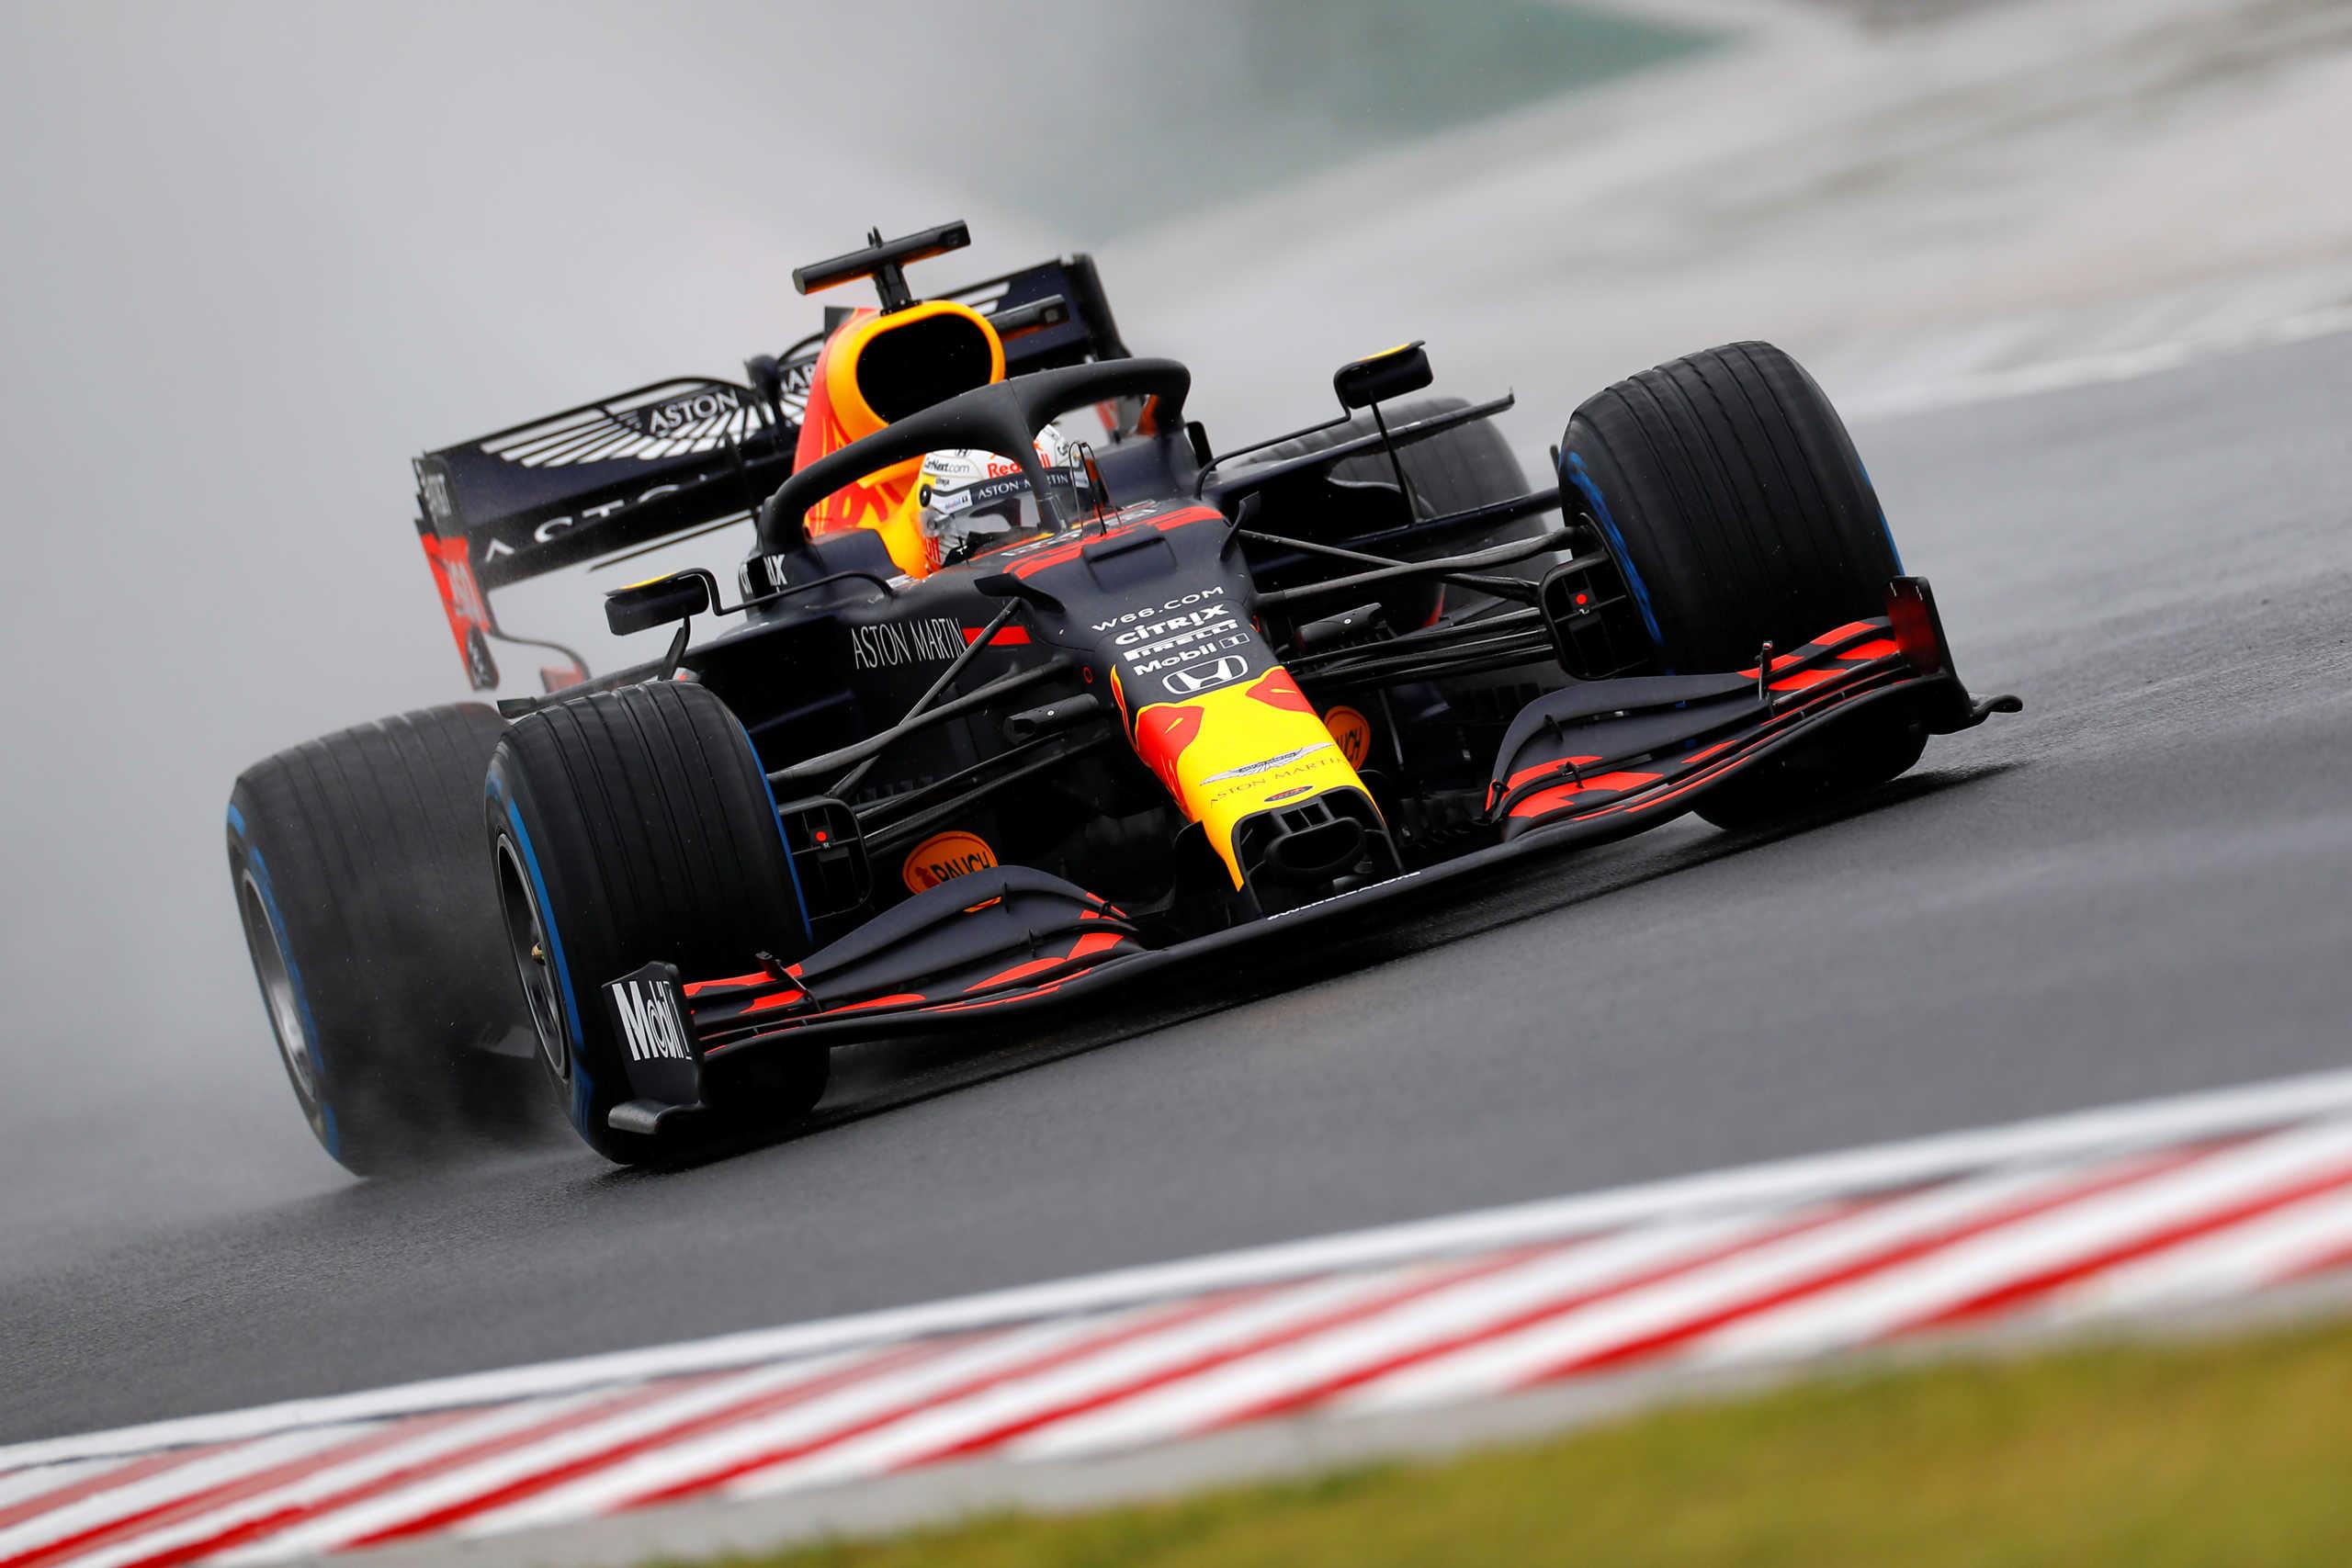 """Formula 1: Απίστευτη """"γκάφα"""" του Φερστάπεν! Τράκαρε πηγαίνοντας στη γραμμή εκκίνησης (video)"""